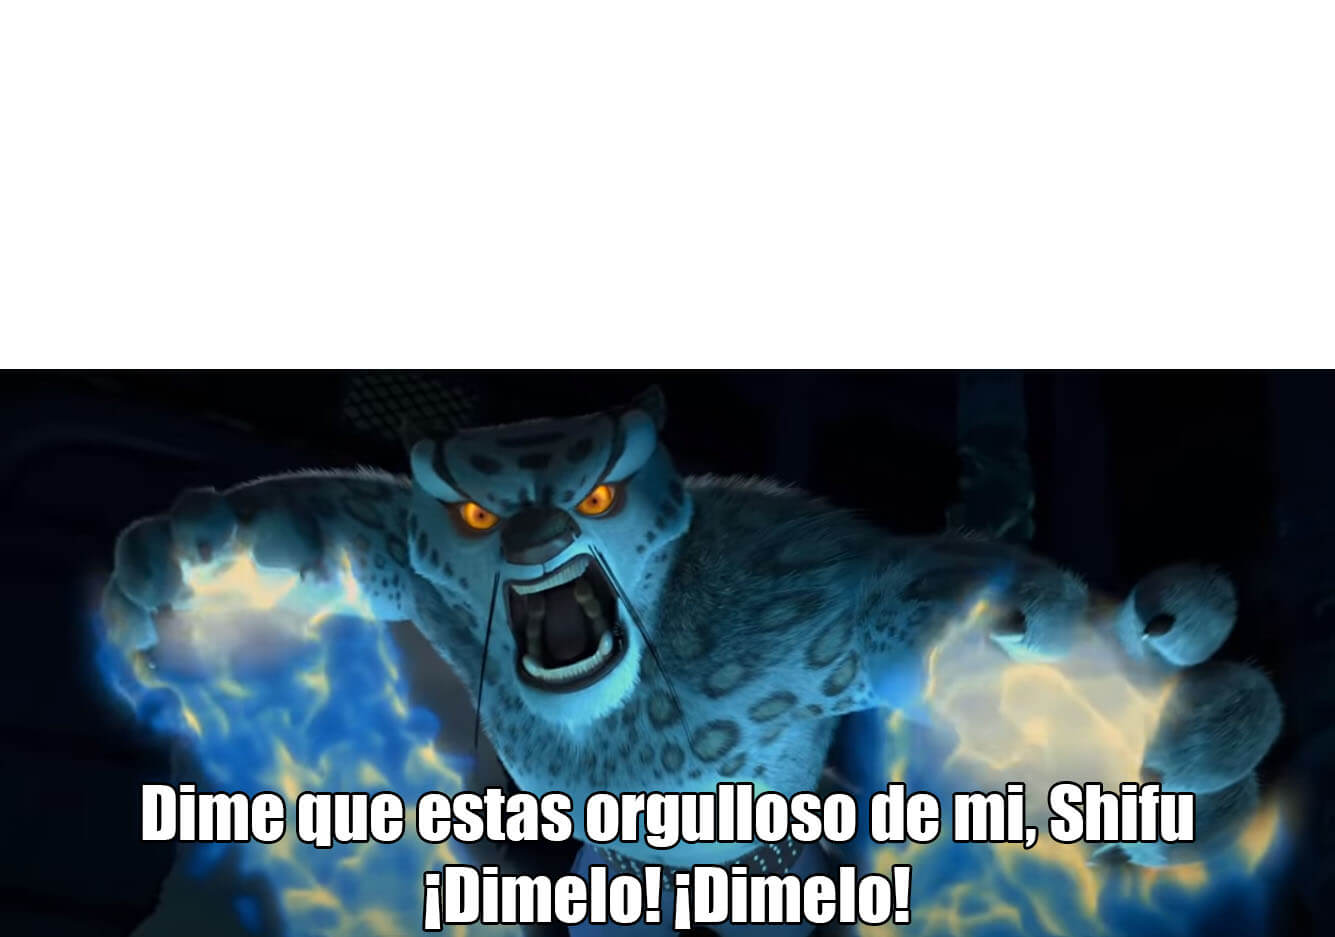 Ir a la pagina de la plantilla Dime que estas orgulloso de mi, Shifu ¡Dímelo! ¡Dímelo!.